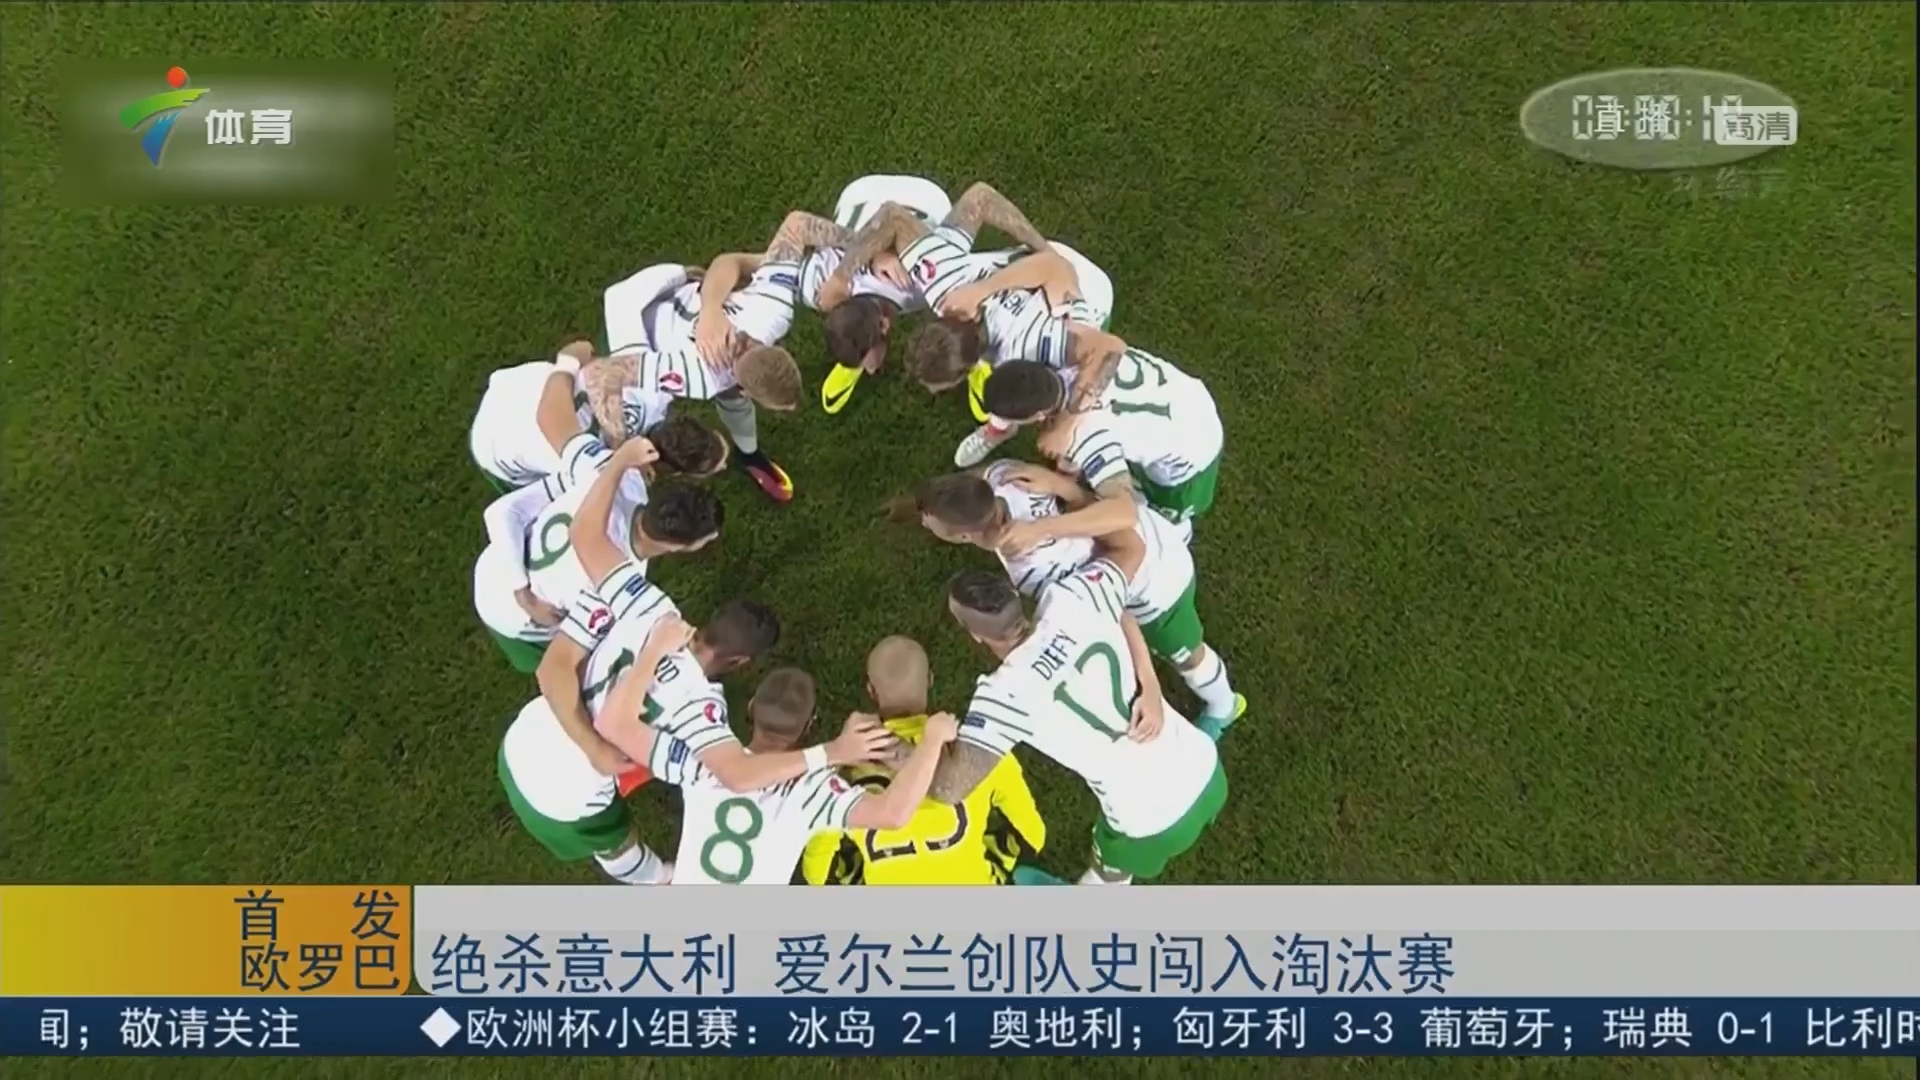 绝杀意大利 爱尔兰创队史闯入淘汰赛